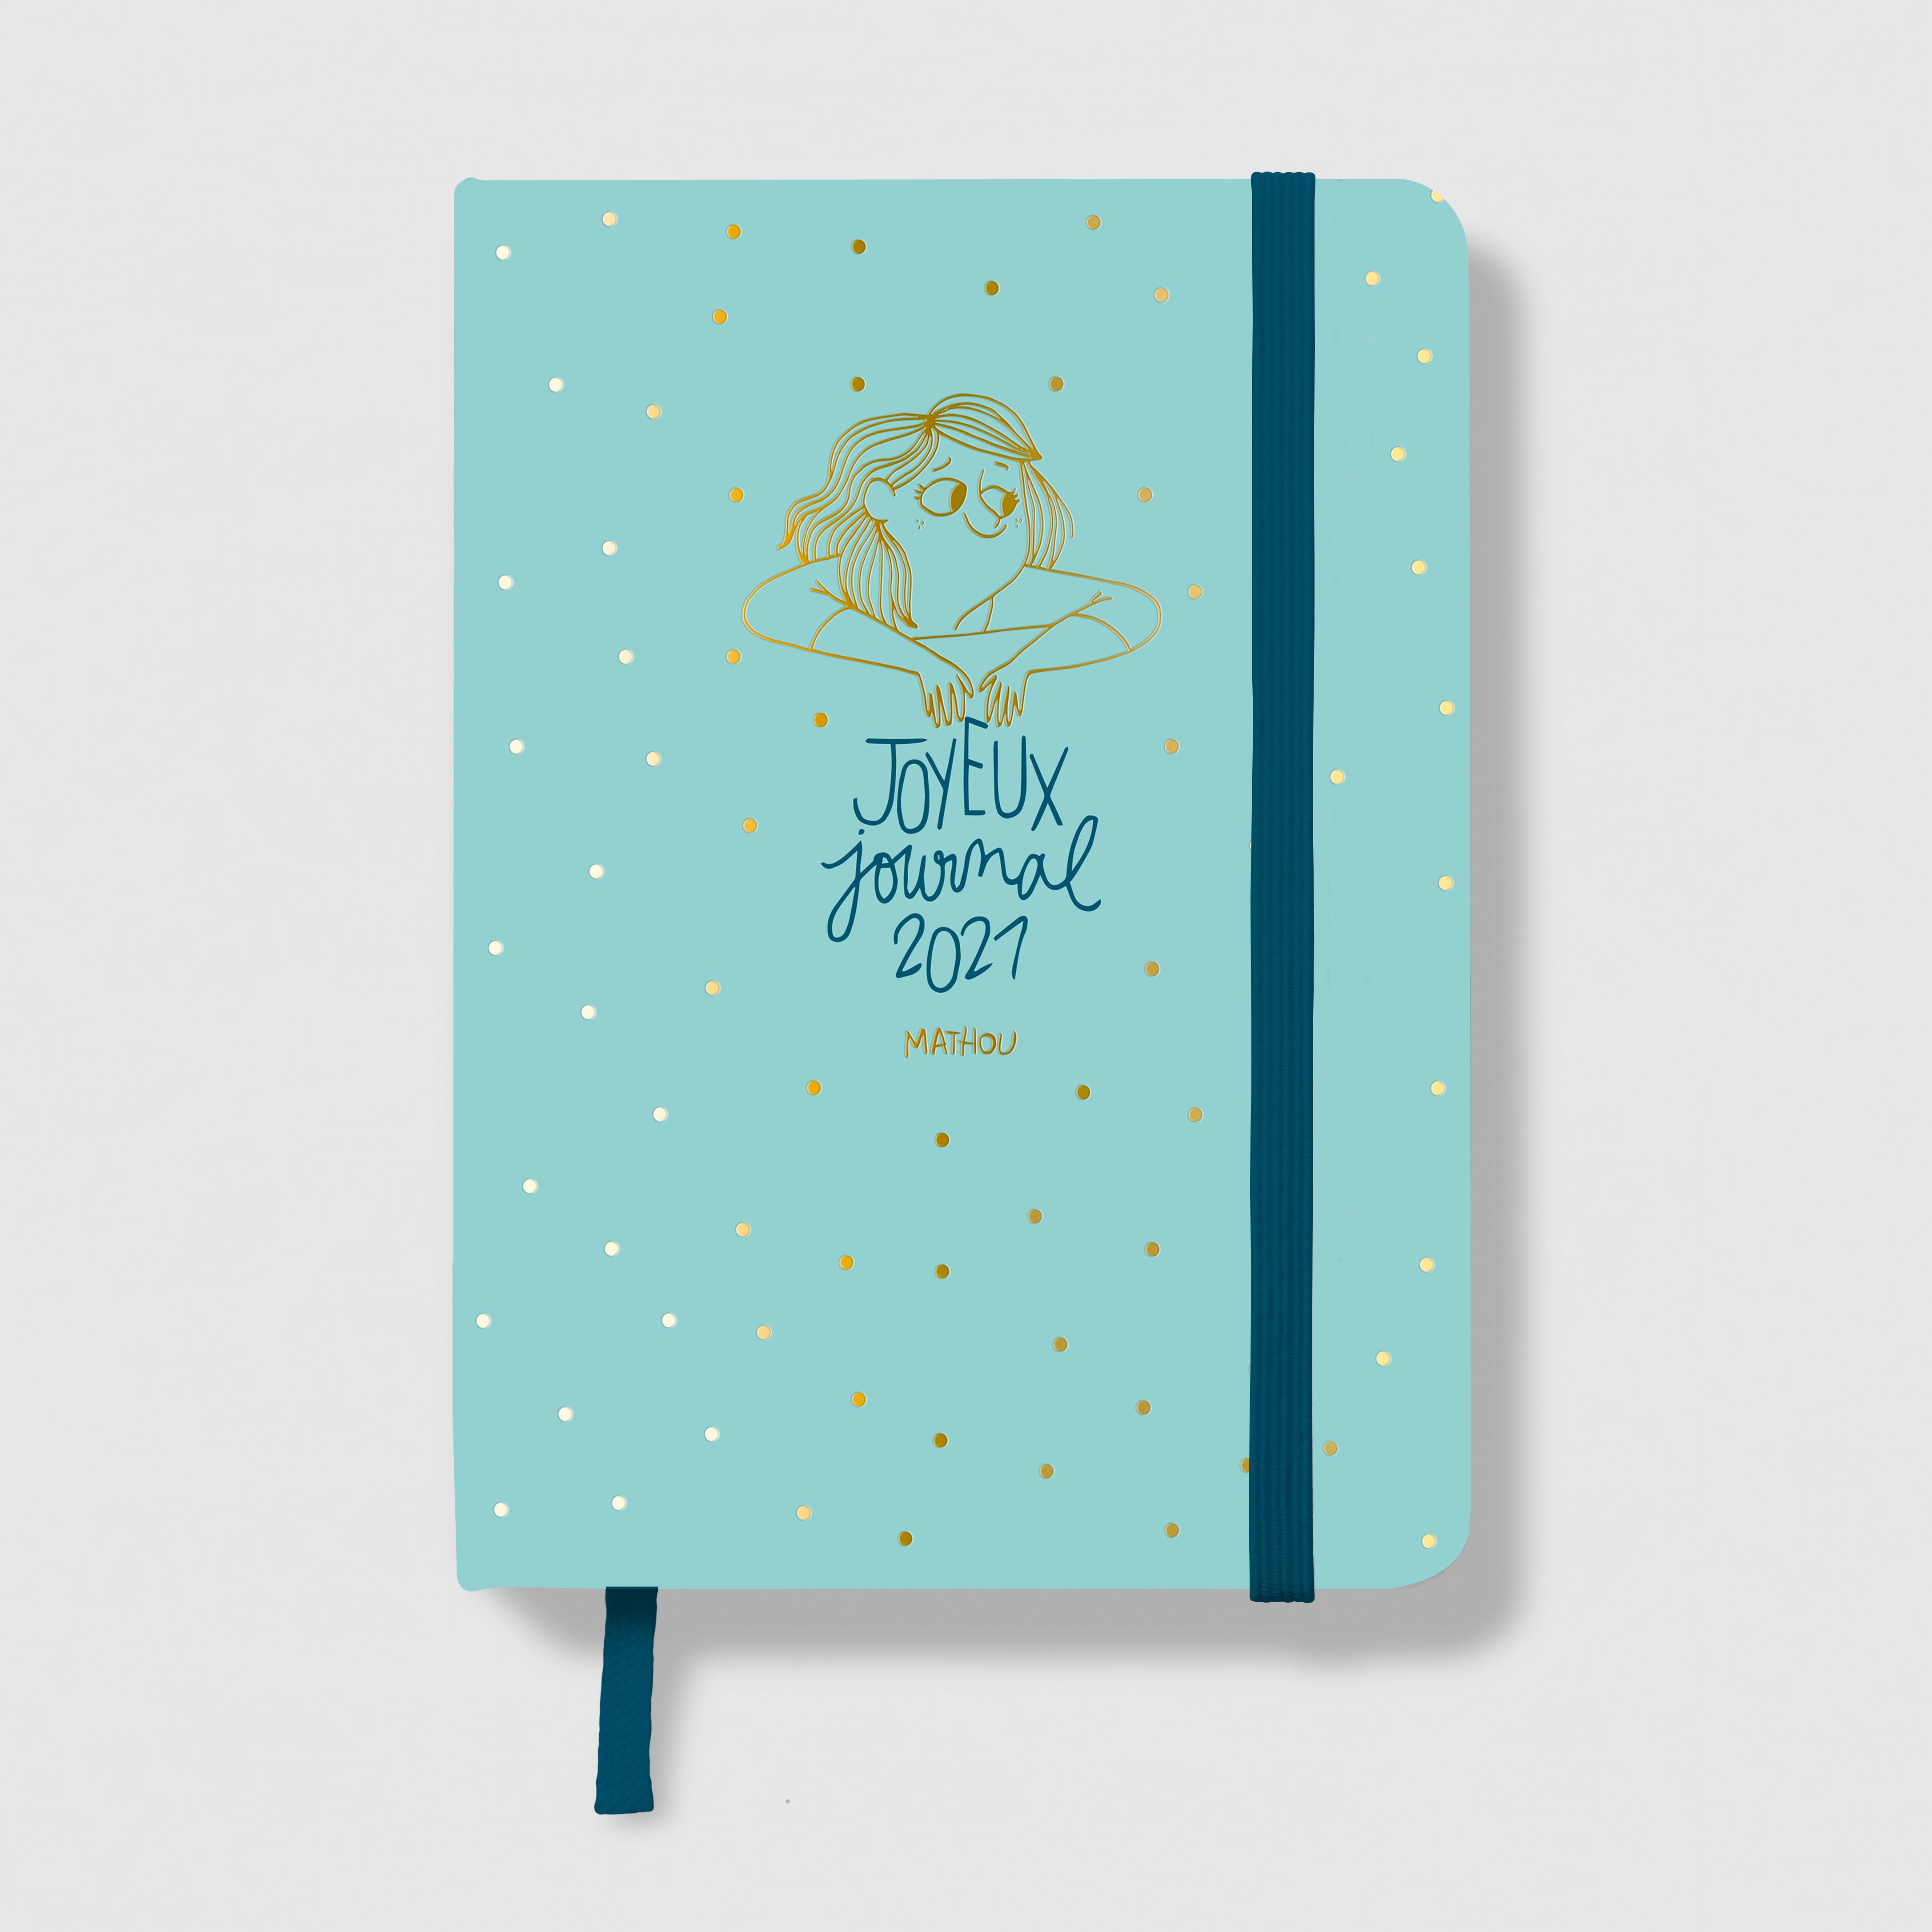 Joyeux Journal 2021